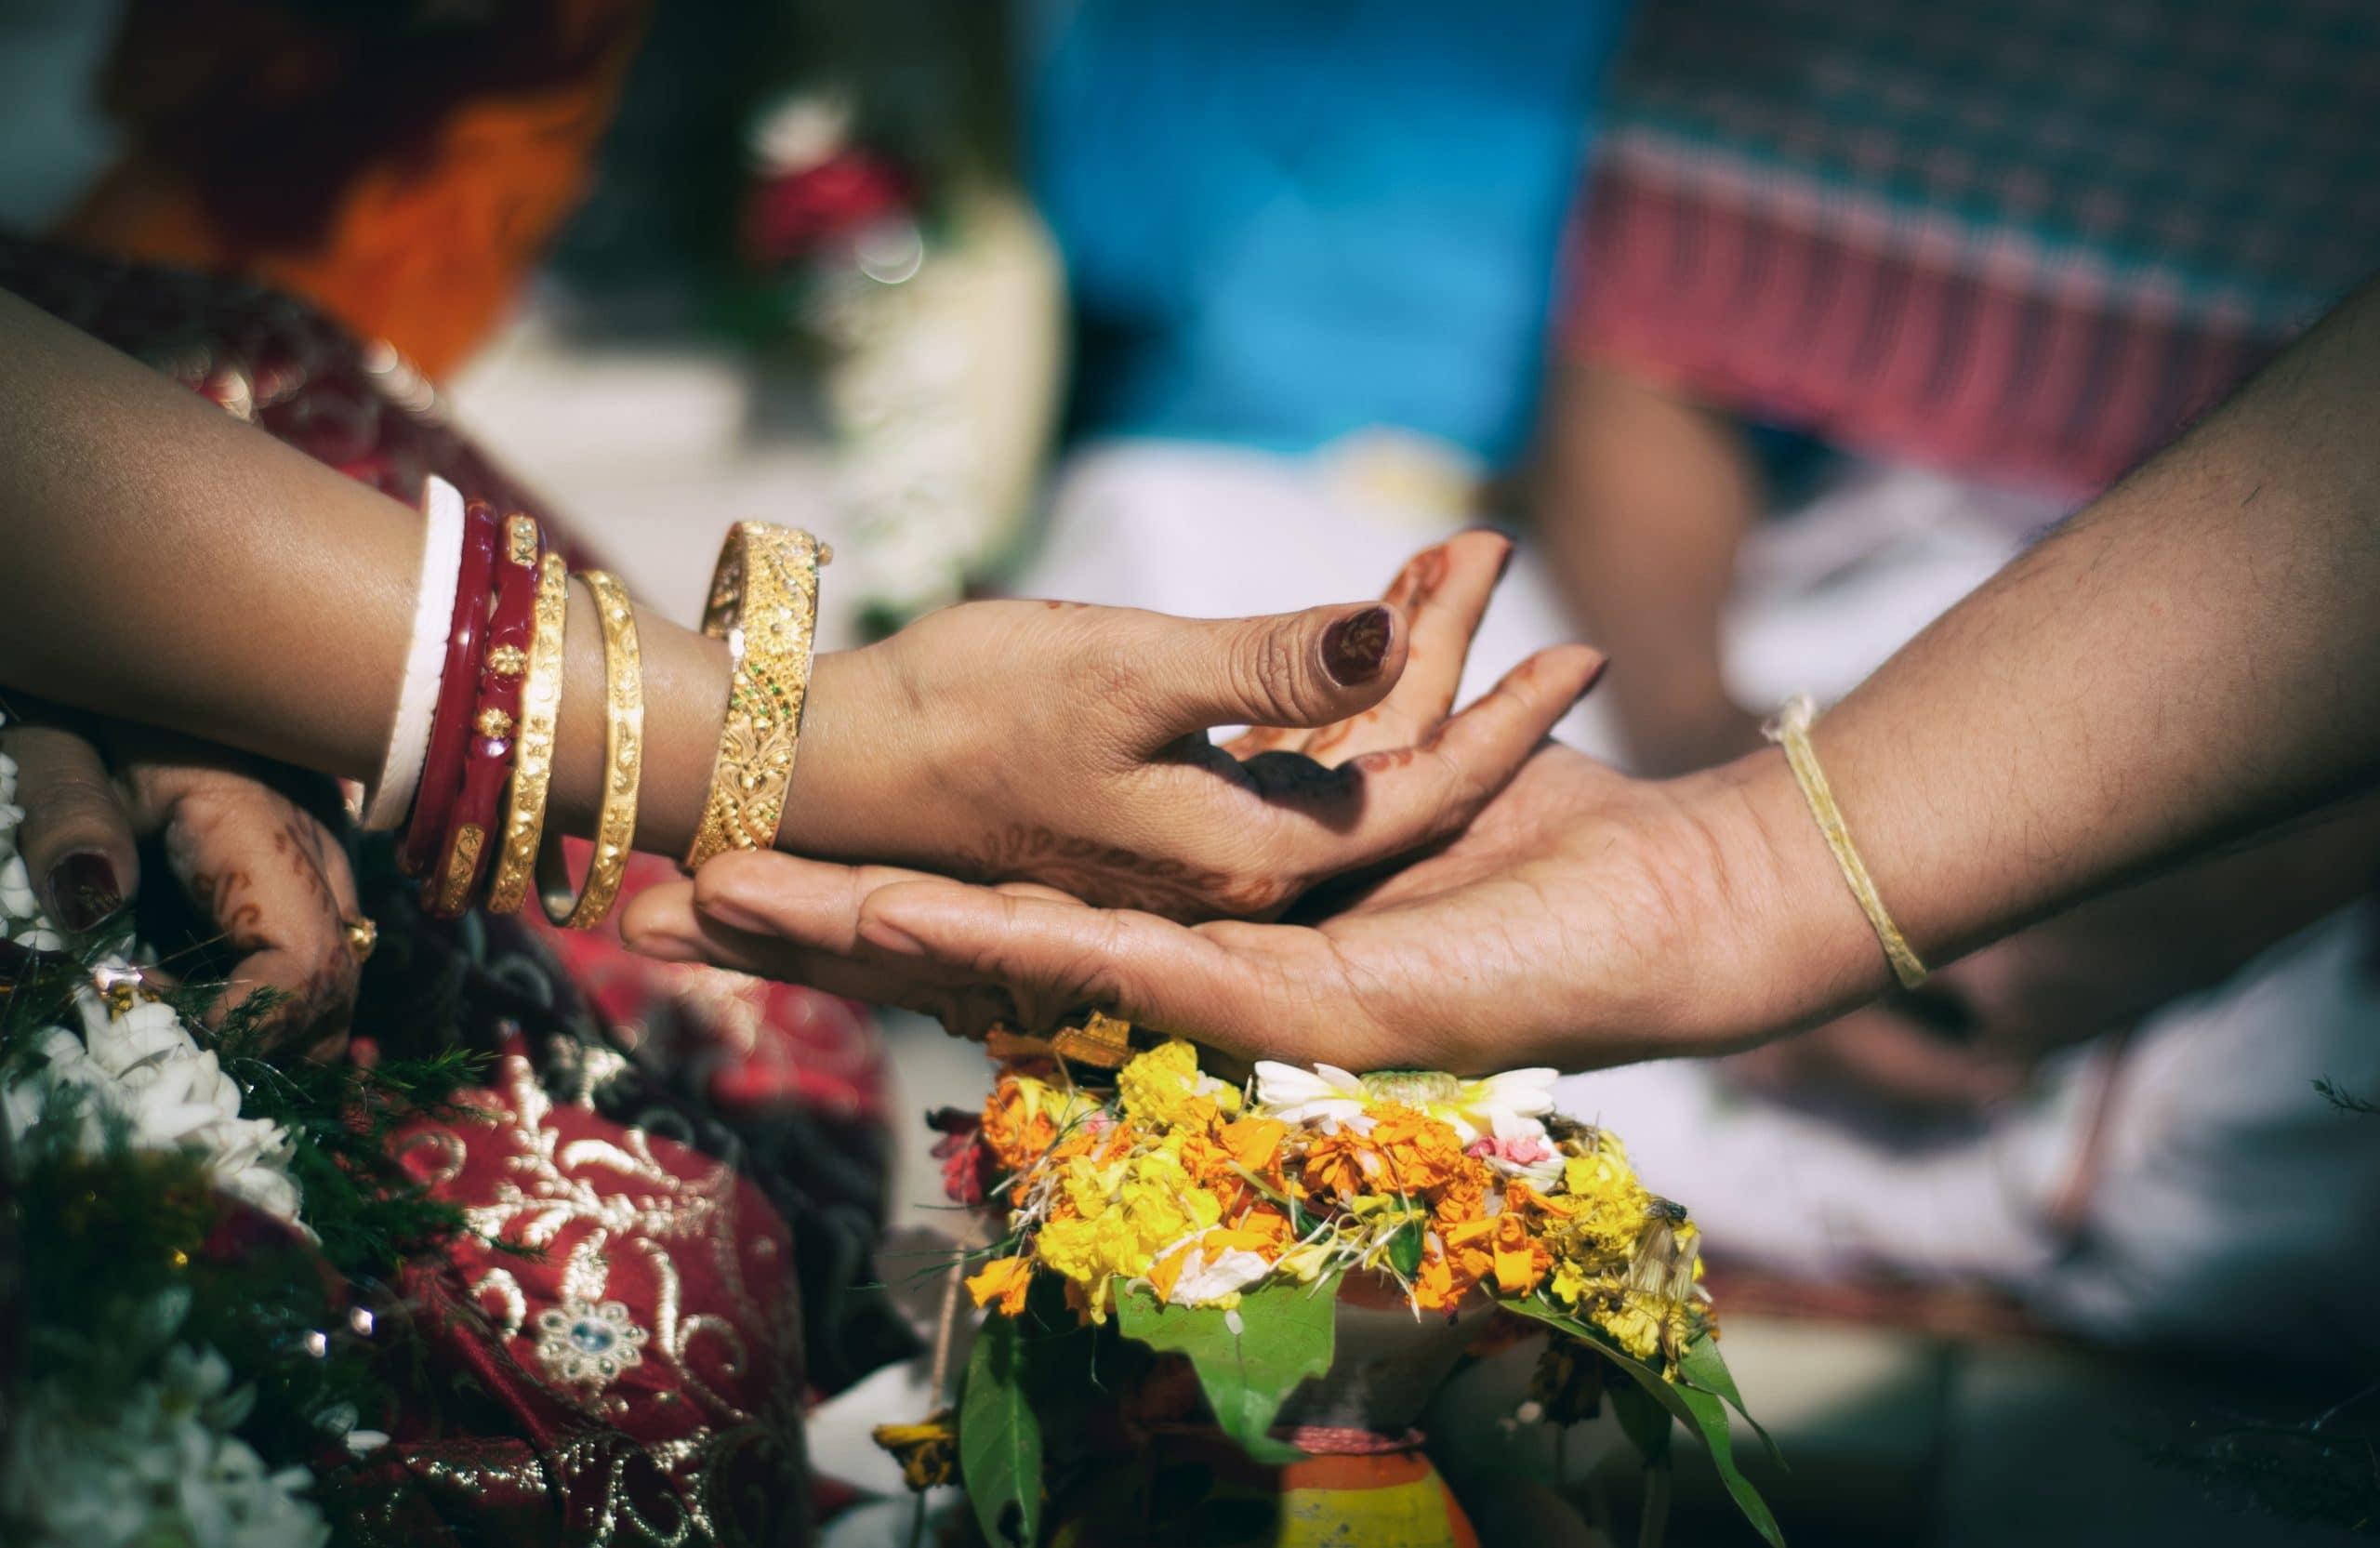 Uma mão segurando outra em um ritual de casamento indiano.